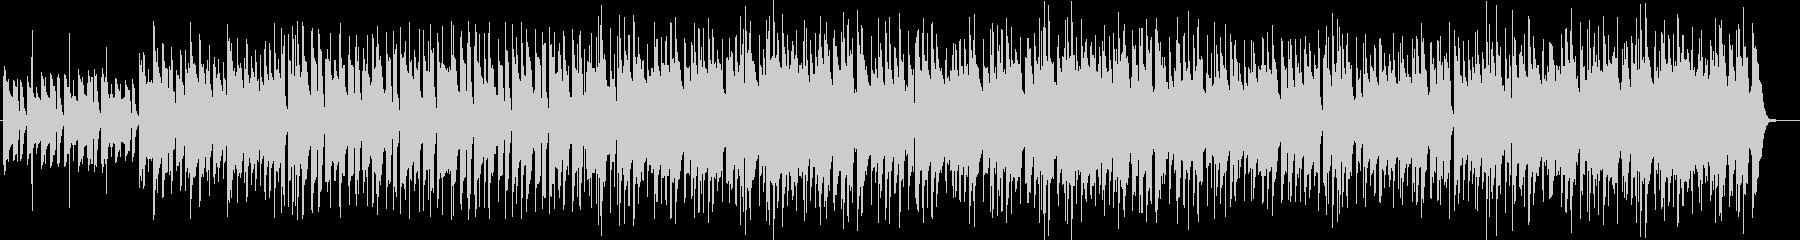 ラフなノリでアンニュイなメロディーの曲の未再生の波形